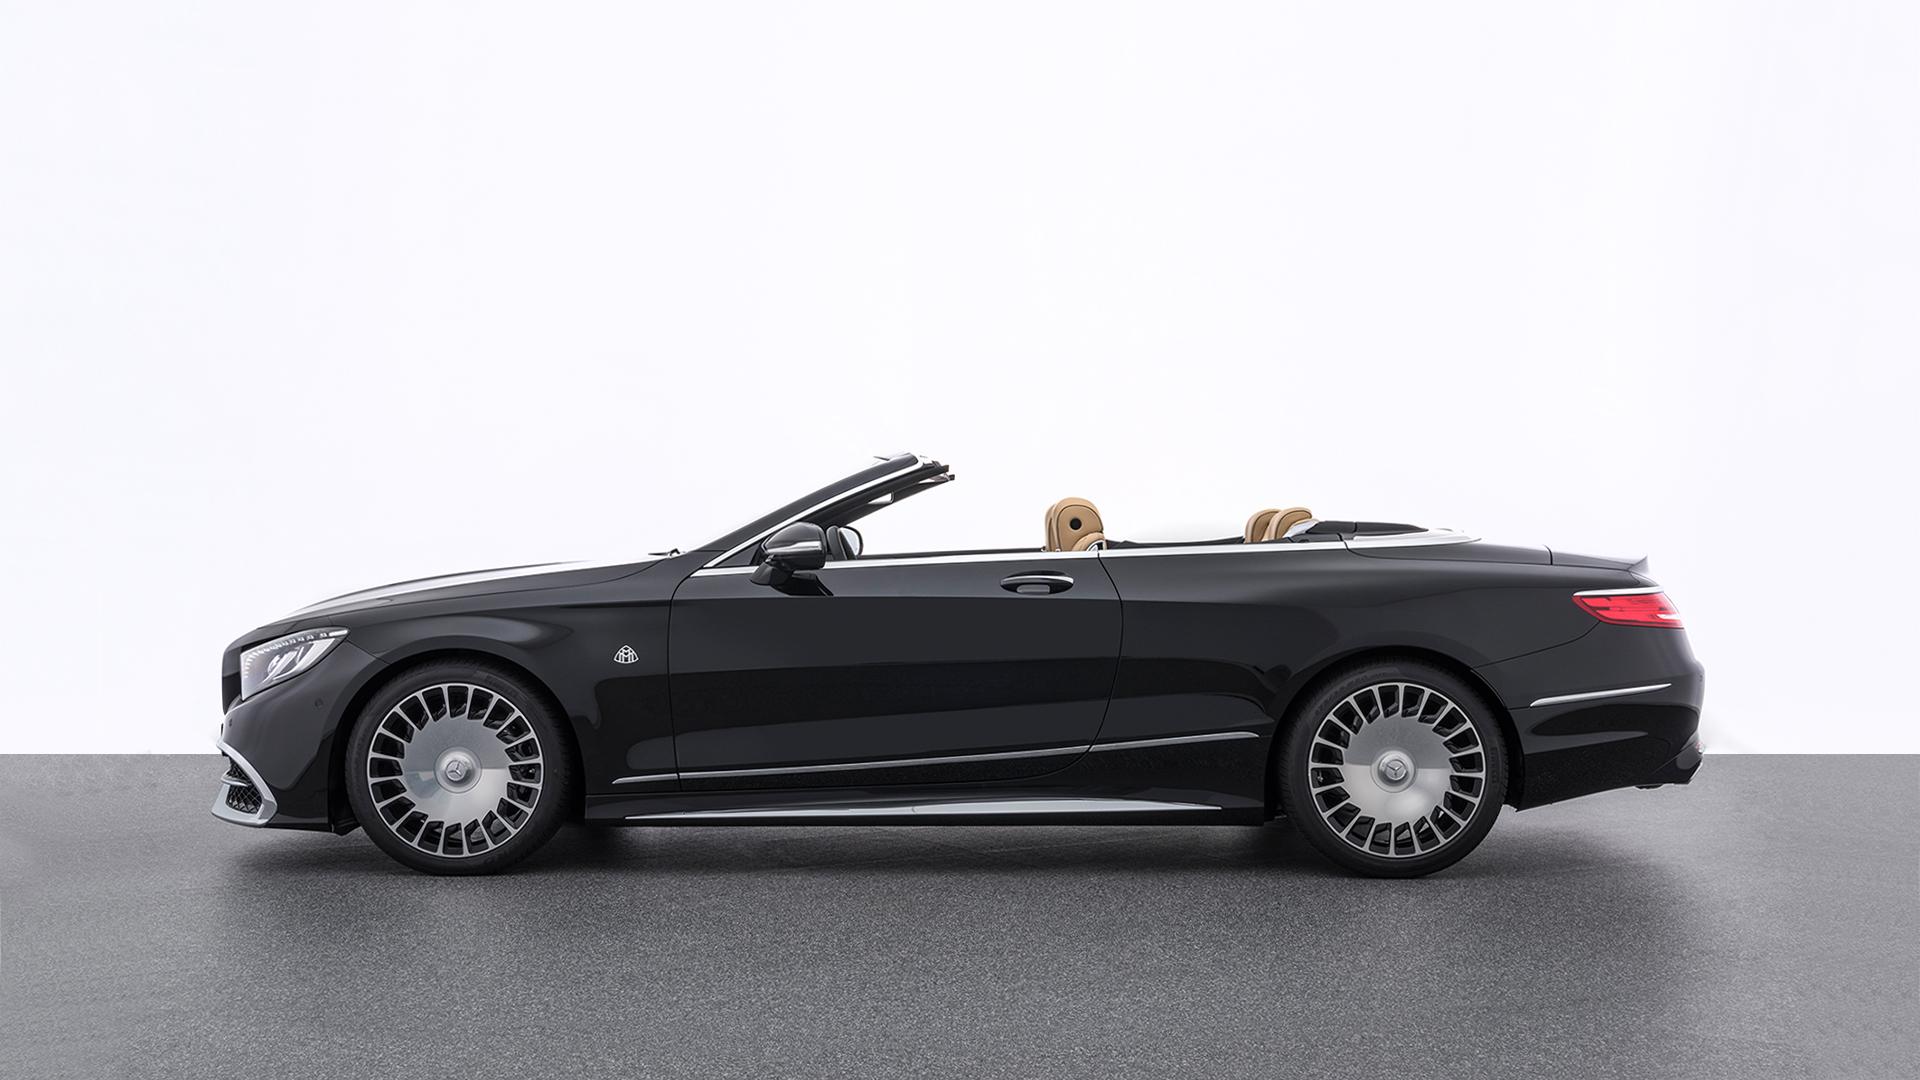 Mercedes-Maybach 650 Cabriolet